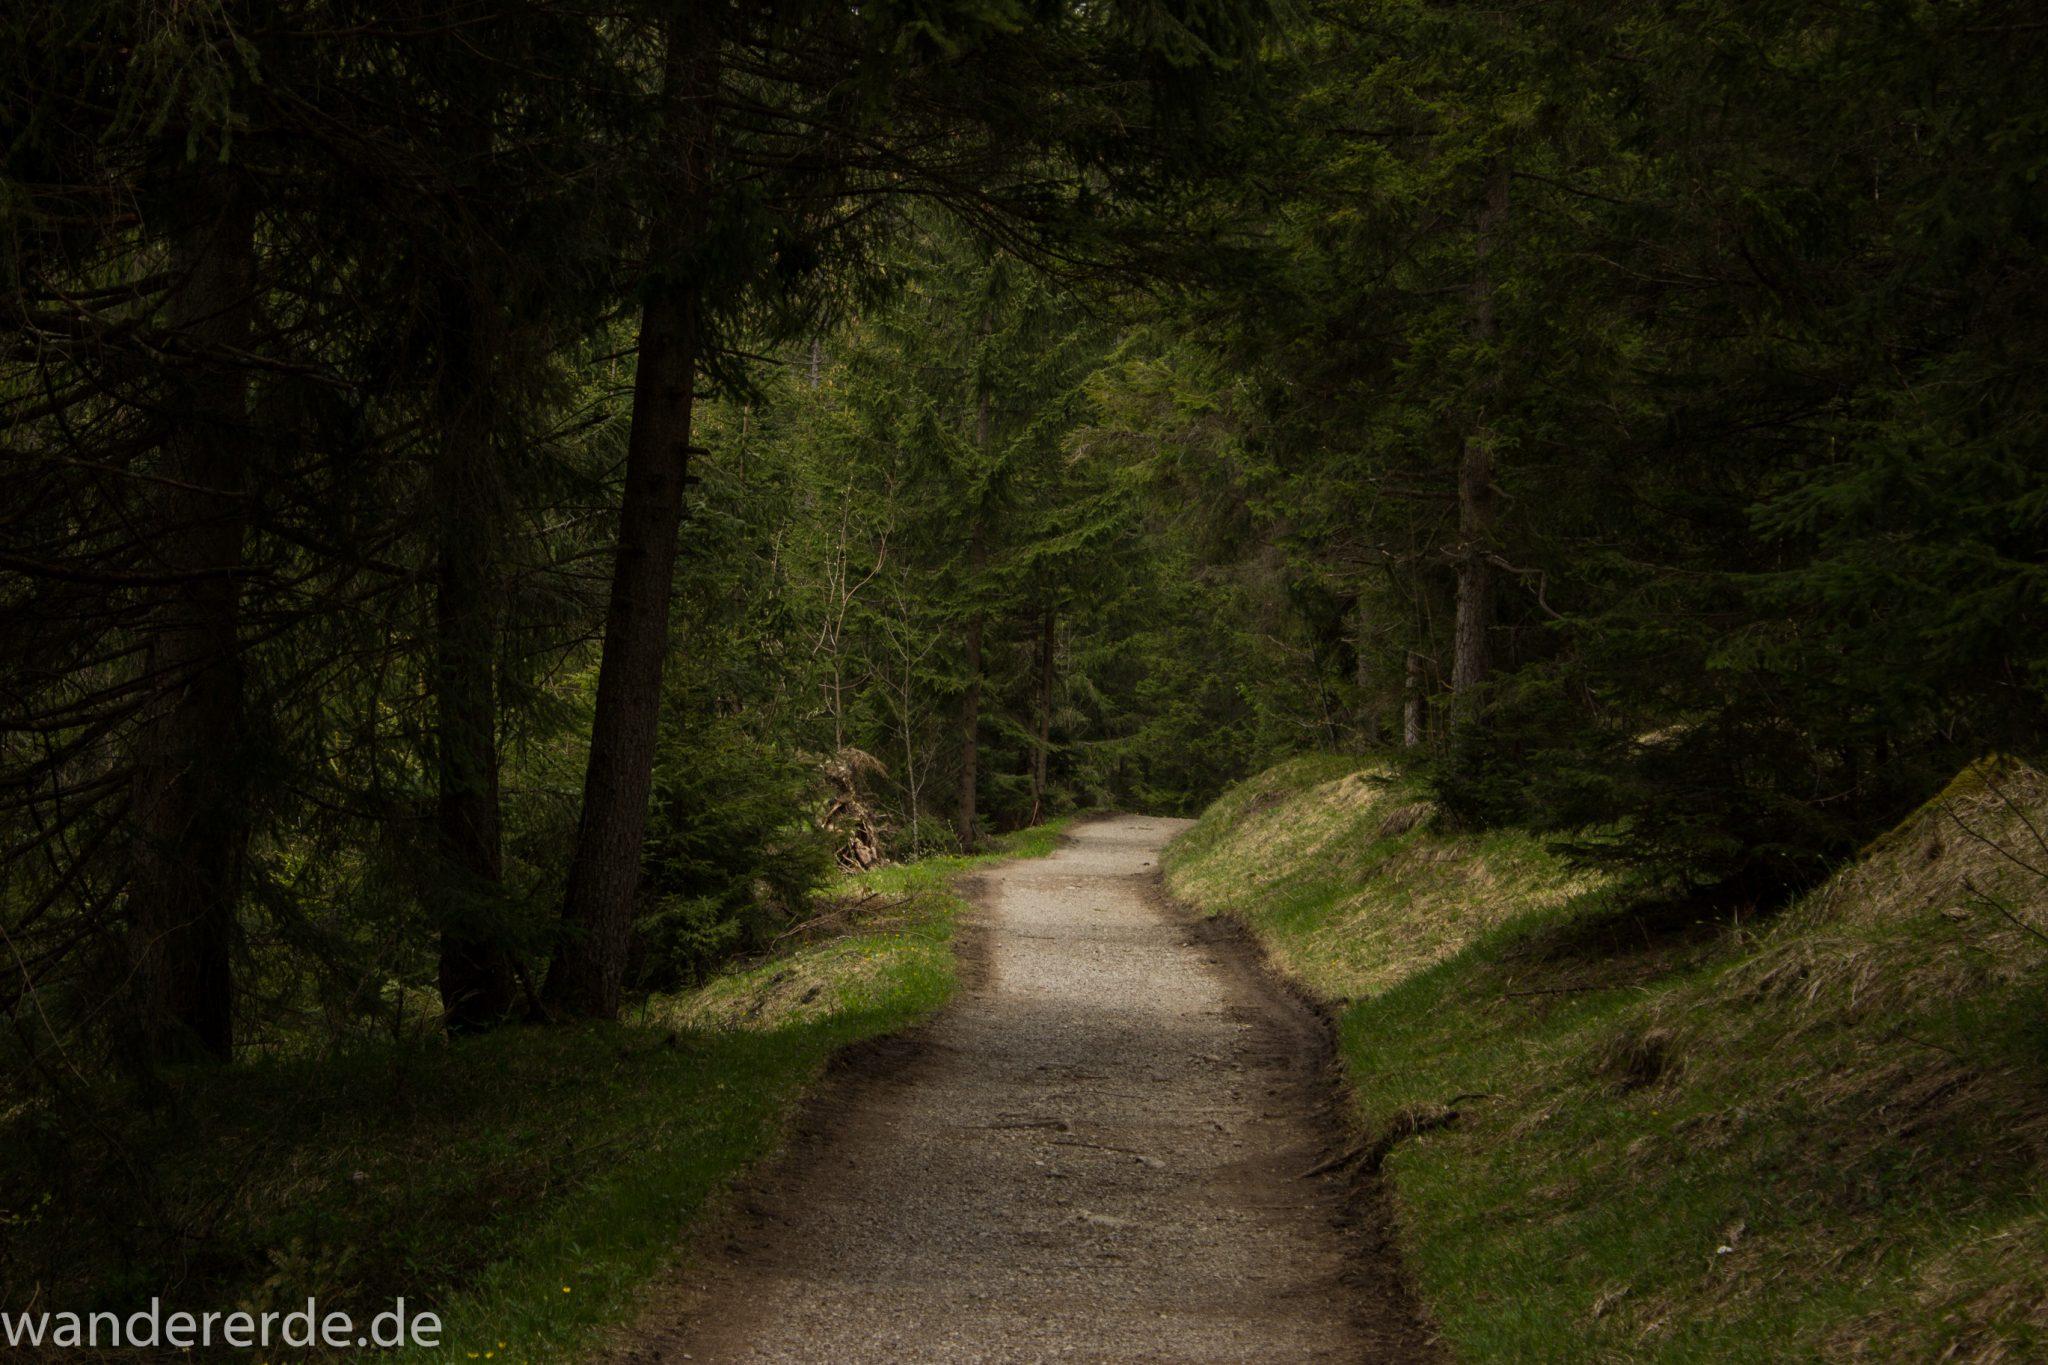 Wanderung Unterer Gaisalpsee, Wanderweg bei Oberstdorf im Allgäu, schmalerer Kiespfad, umgeben von schönem dichtem Mischwald